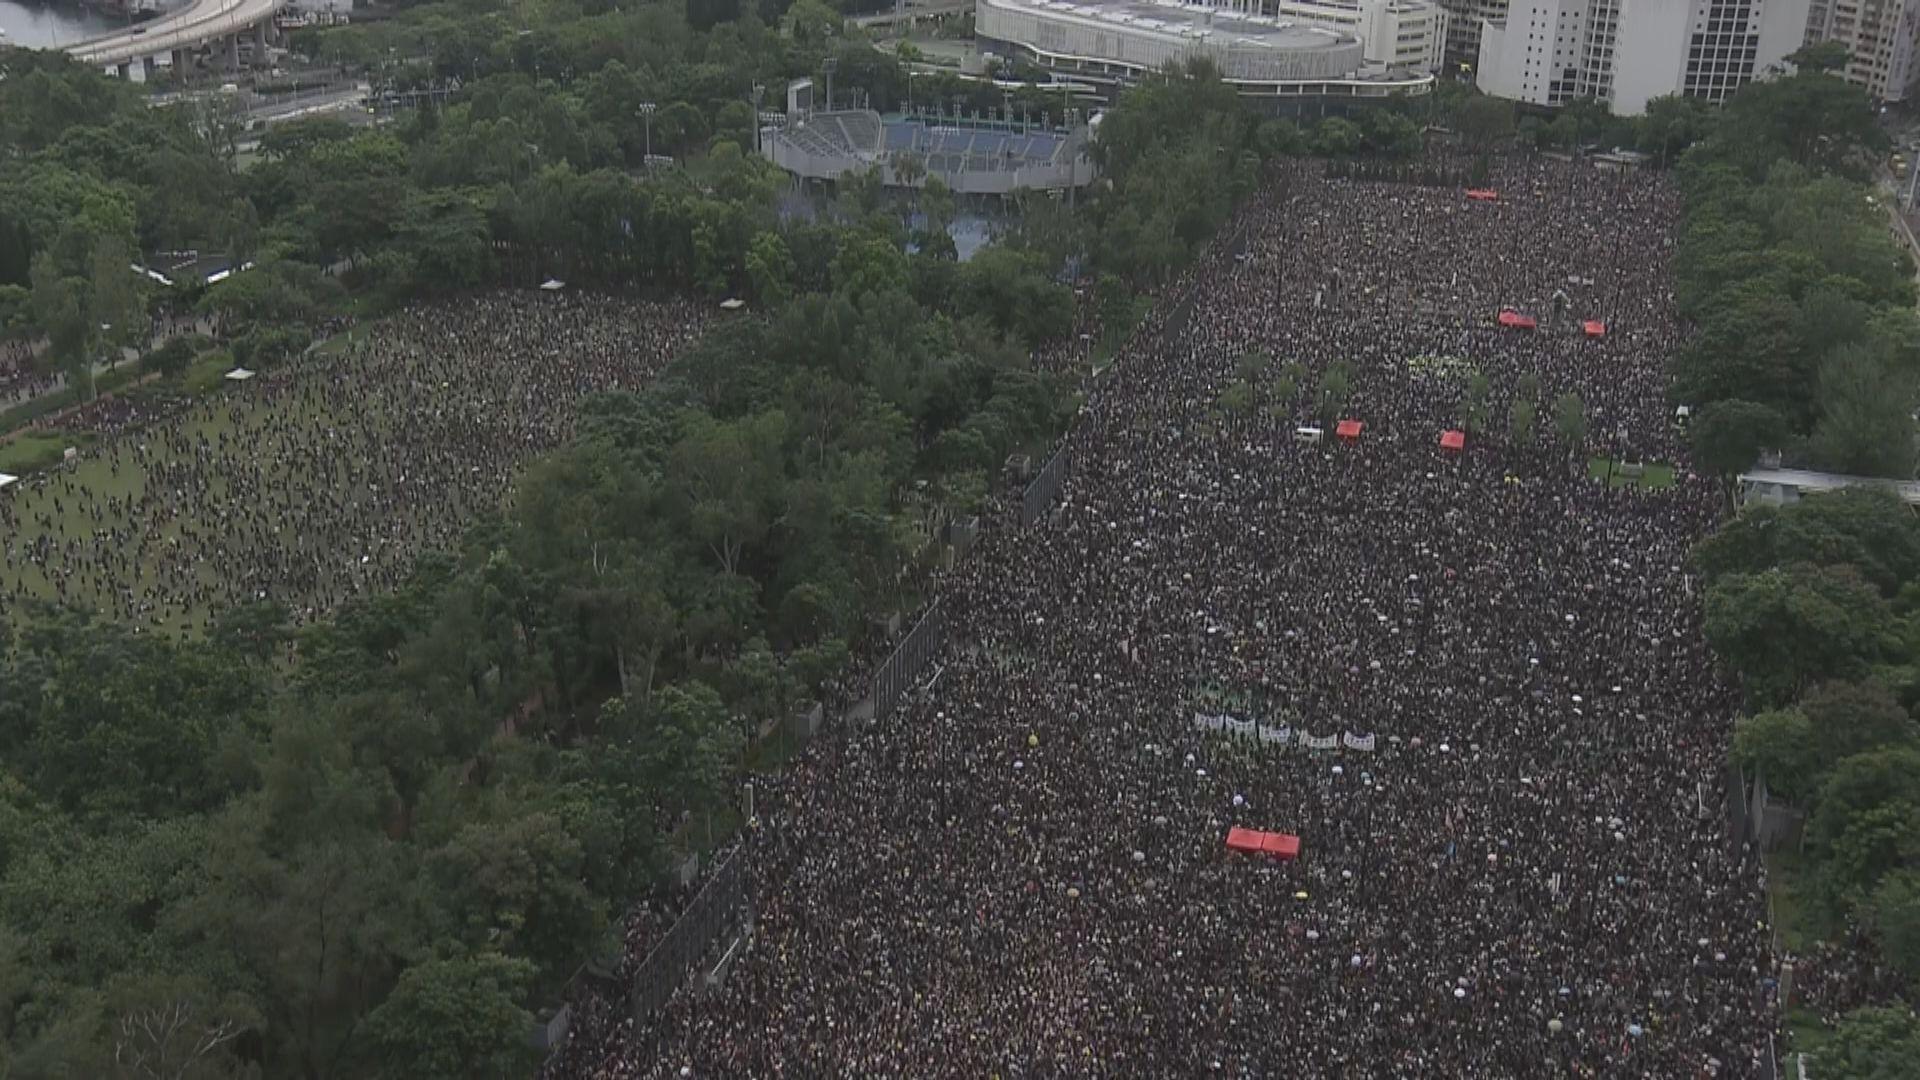 民陣:逾170萬人在維園天后一帶參與集會